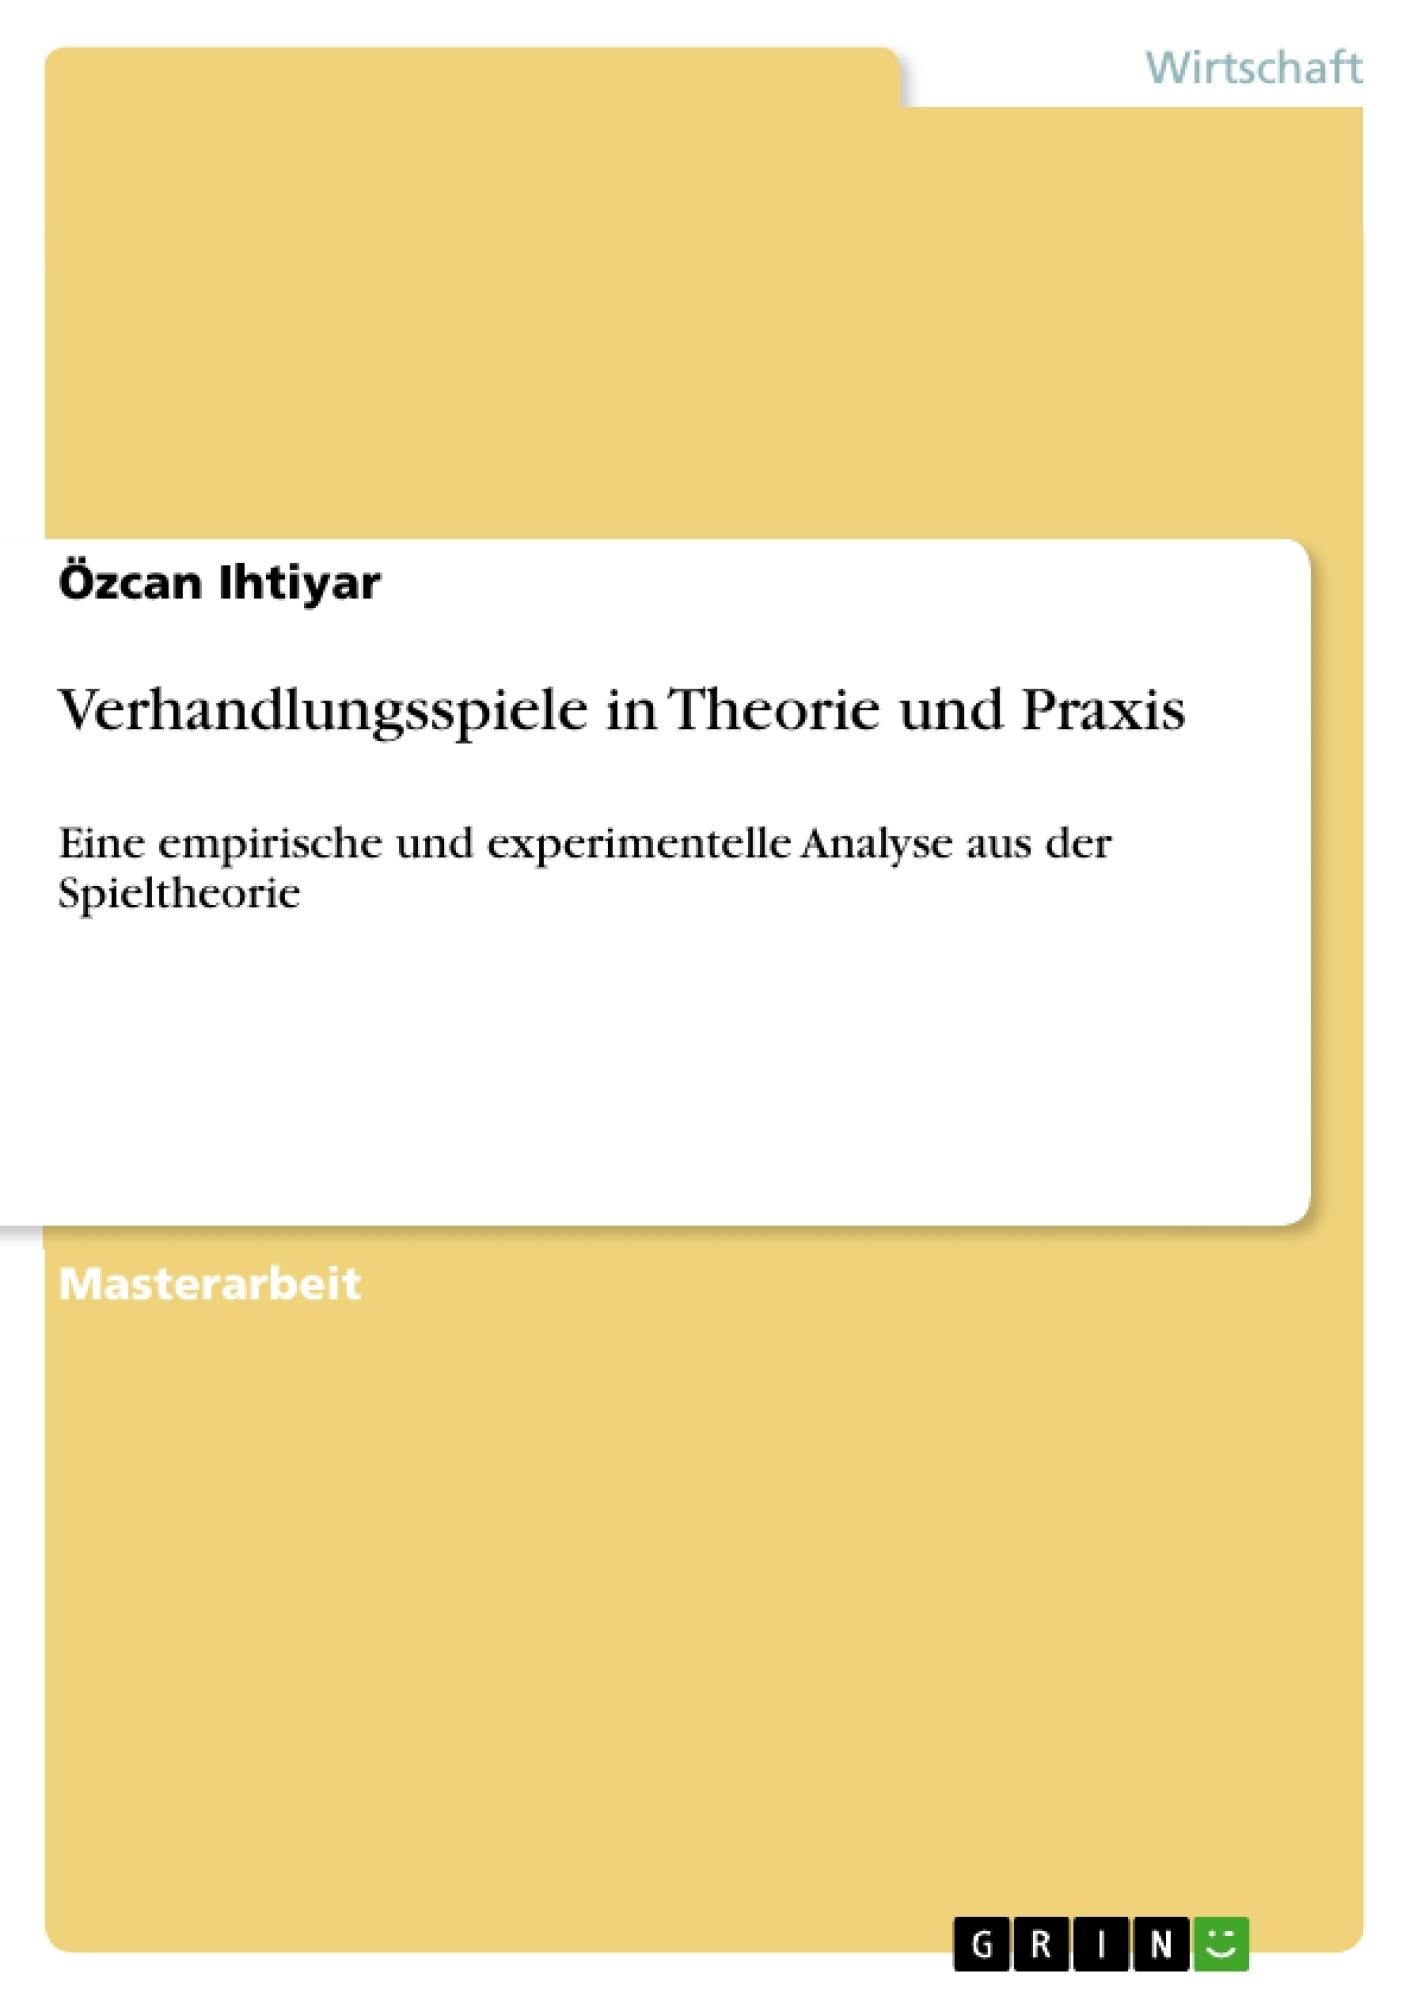 Titel: Verhandlungsspiele in Theorie und Praxis